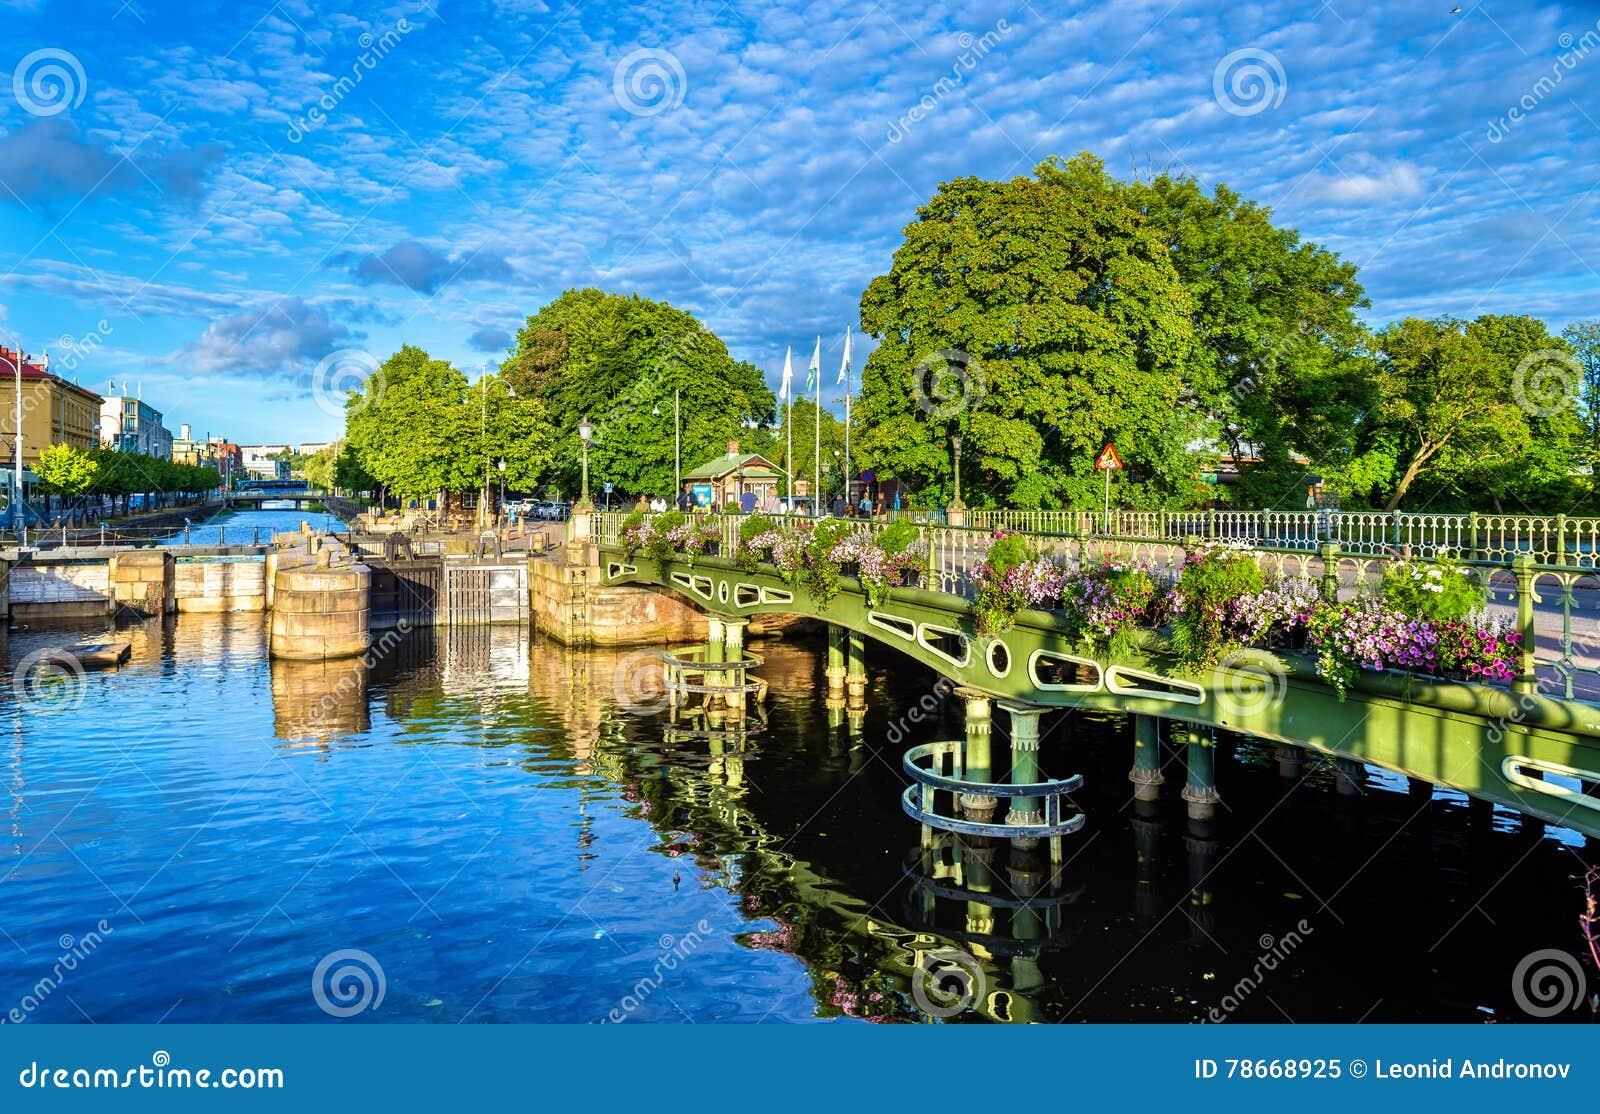 Canal no centro histórico de Gothenburg - Suécia